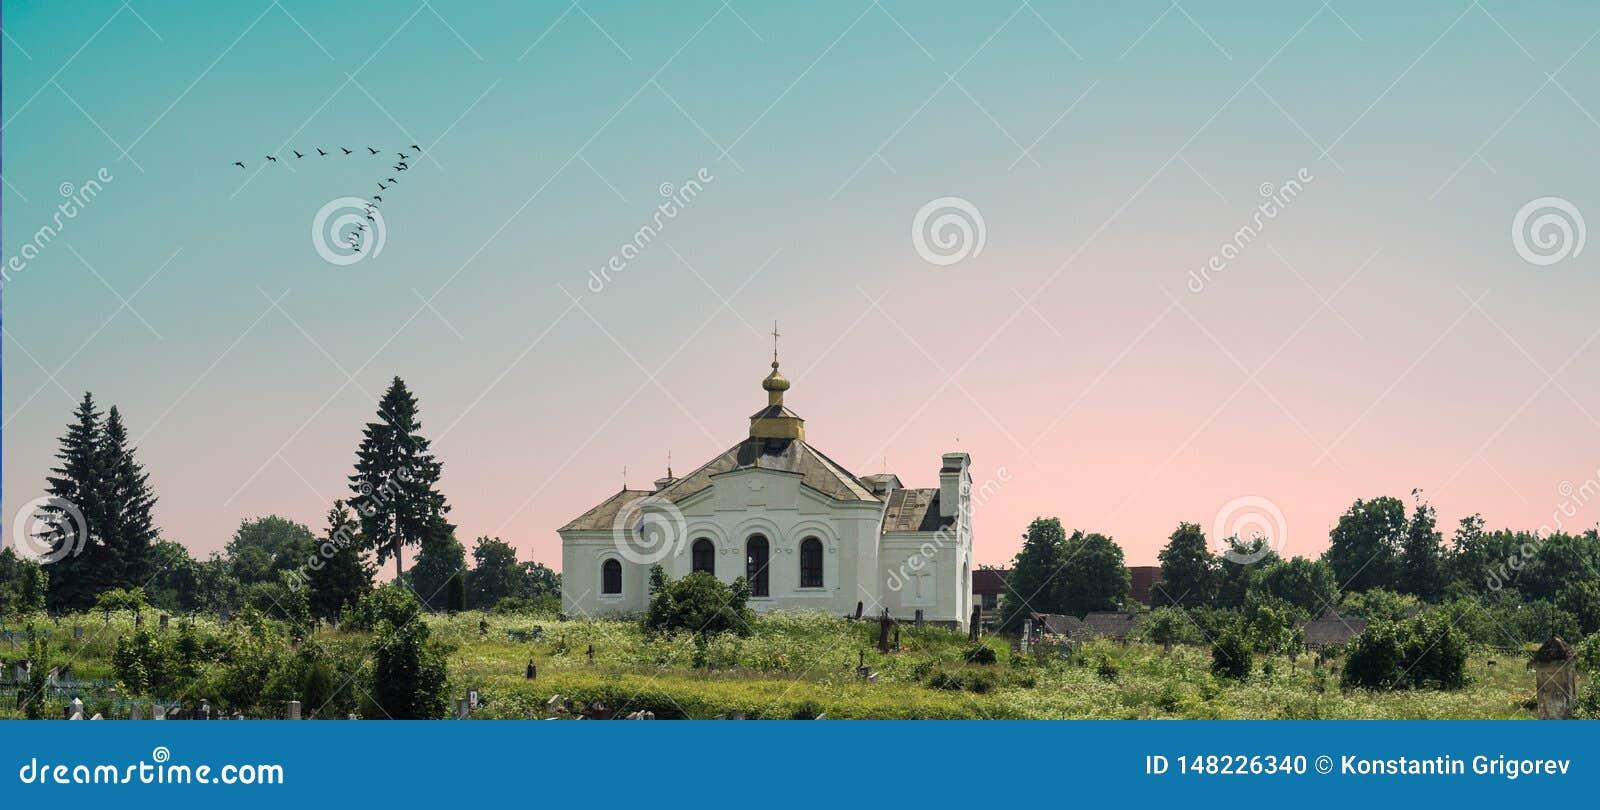 Biały ortodoksyjny kościół wśród drzew na tle piękne menchie i niebieskie niebo